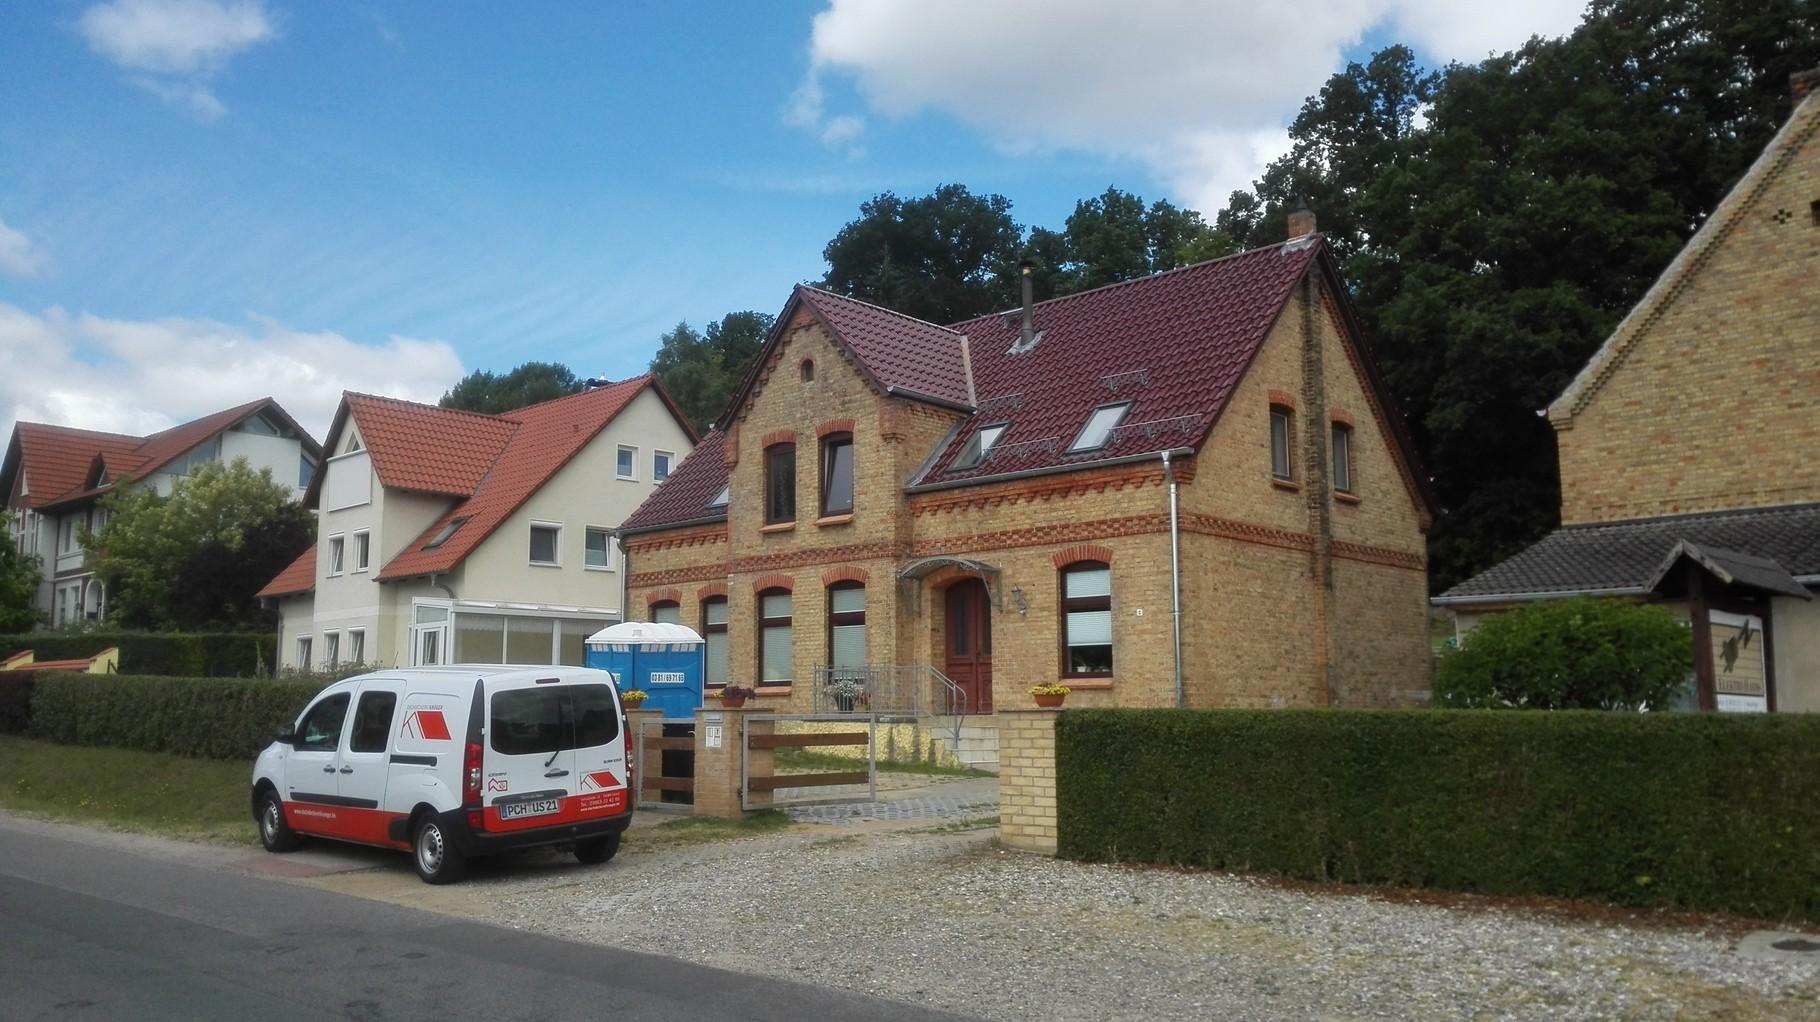 Dachdeckerei Krüger © 2018 - Fassadenbekleidung Faserzement